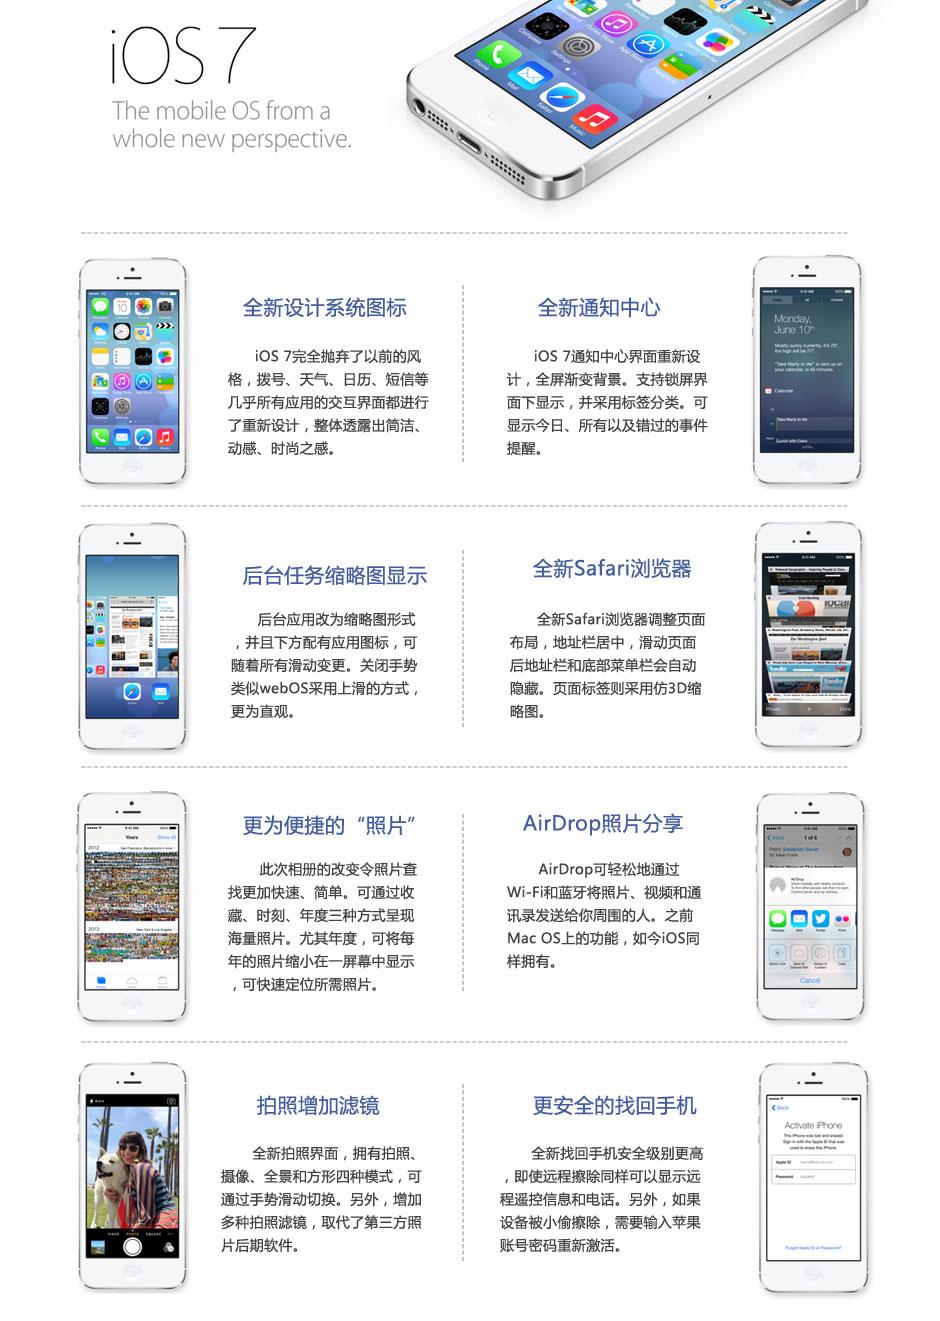 苹果公司发布移动系统iOS 7:完全颠覆